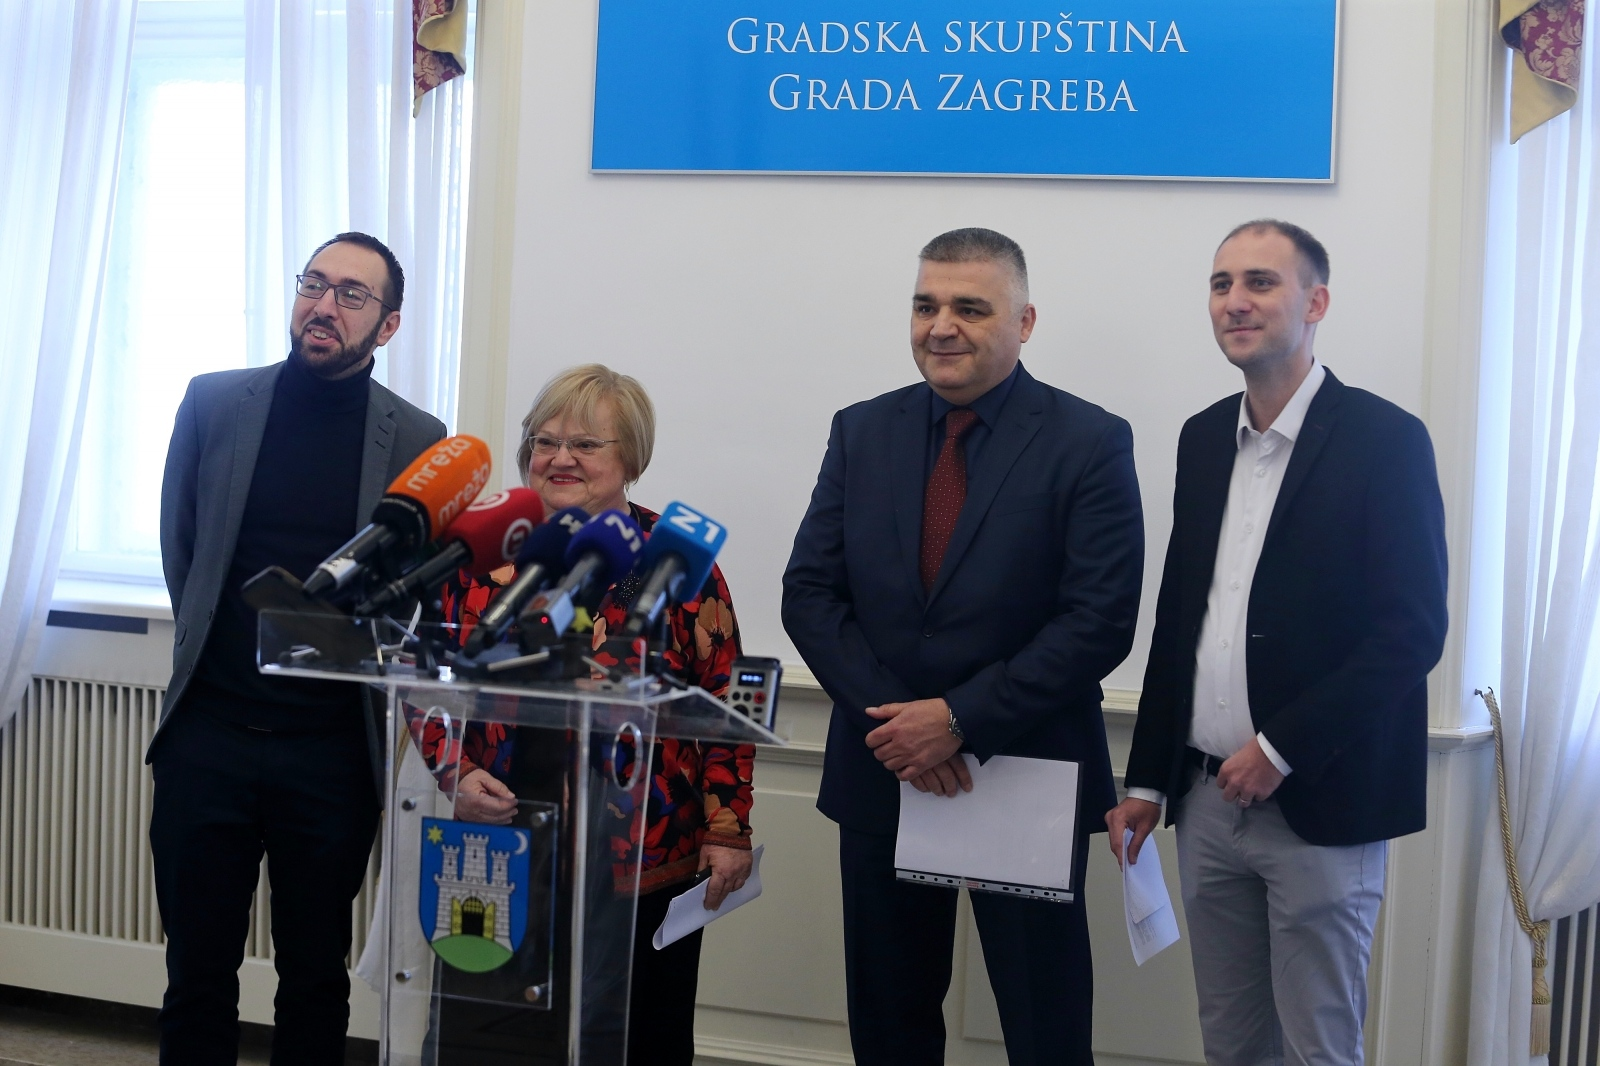 Matej Mišić: Smatramo nužnim da damo priliku građanima Grada Zagreba da odluče